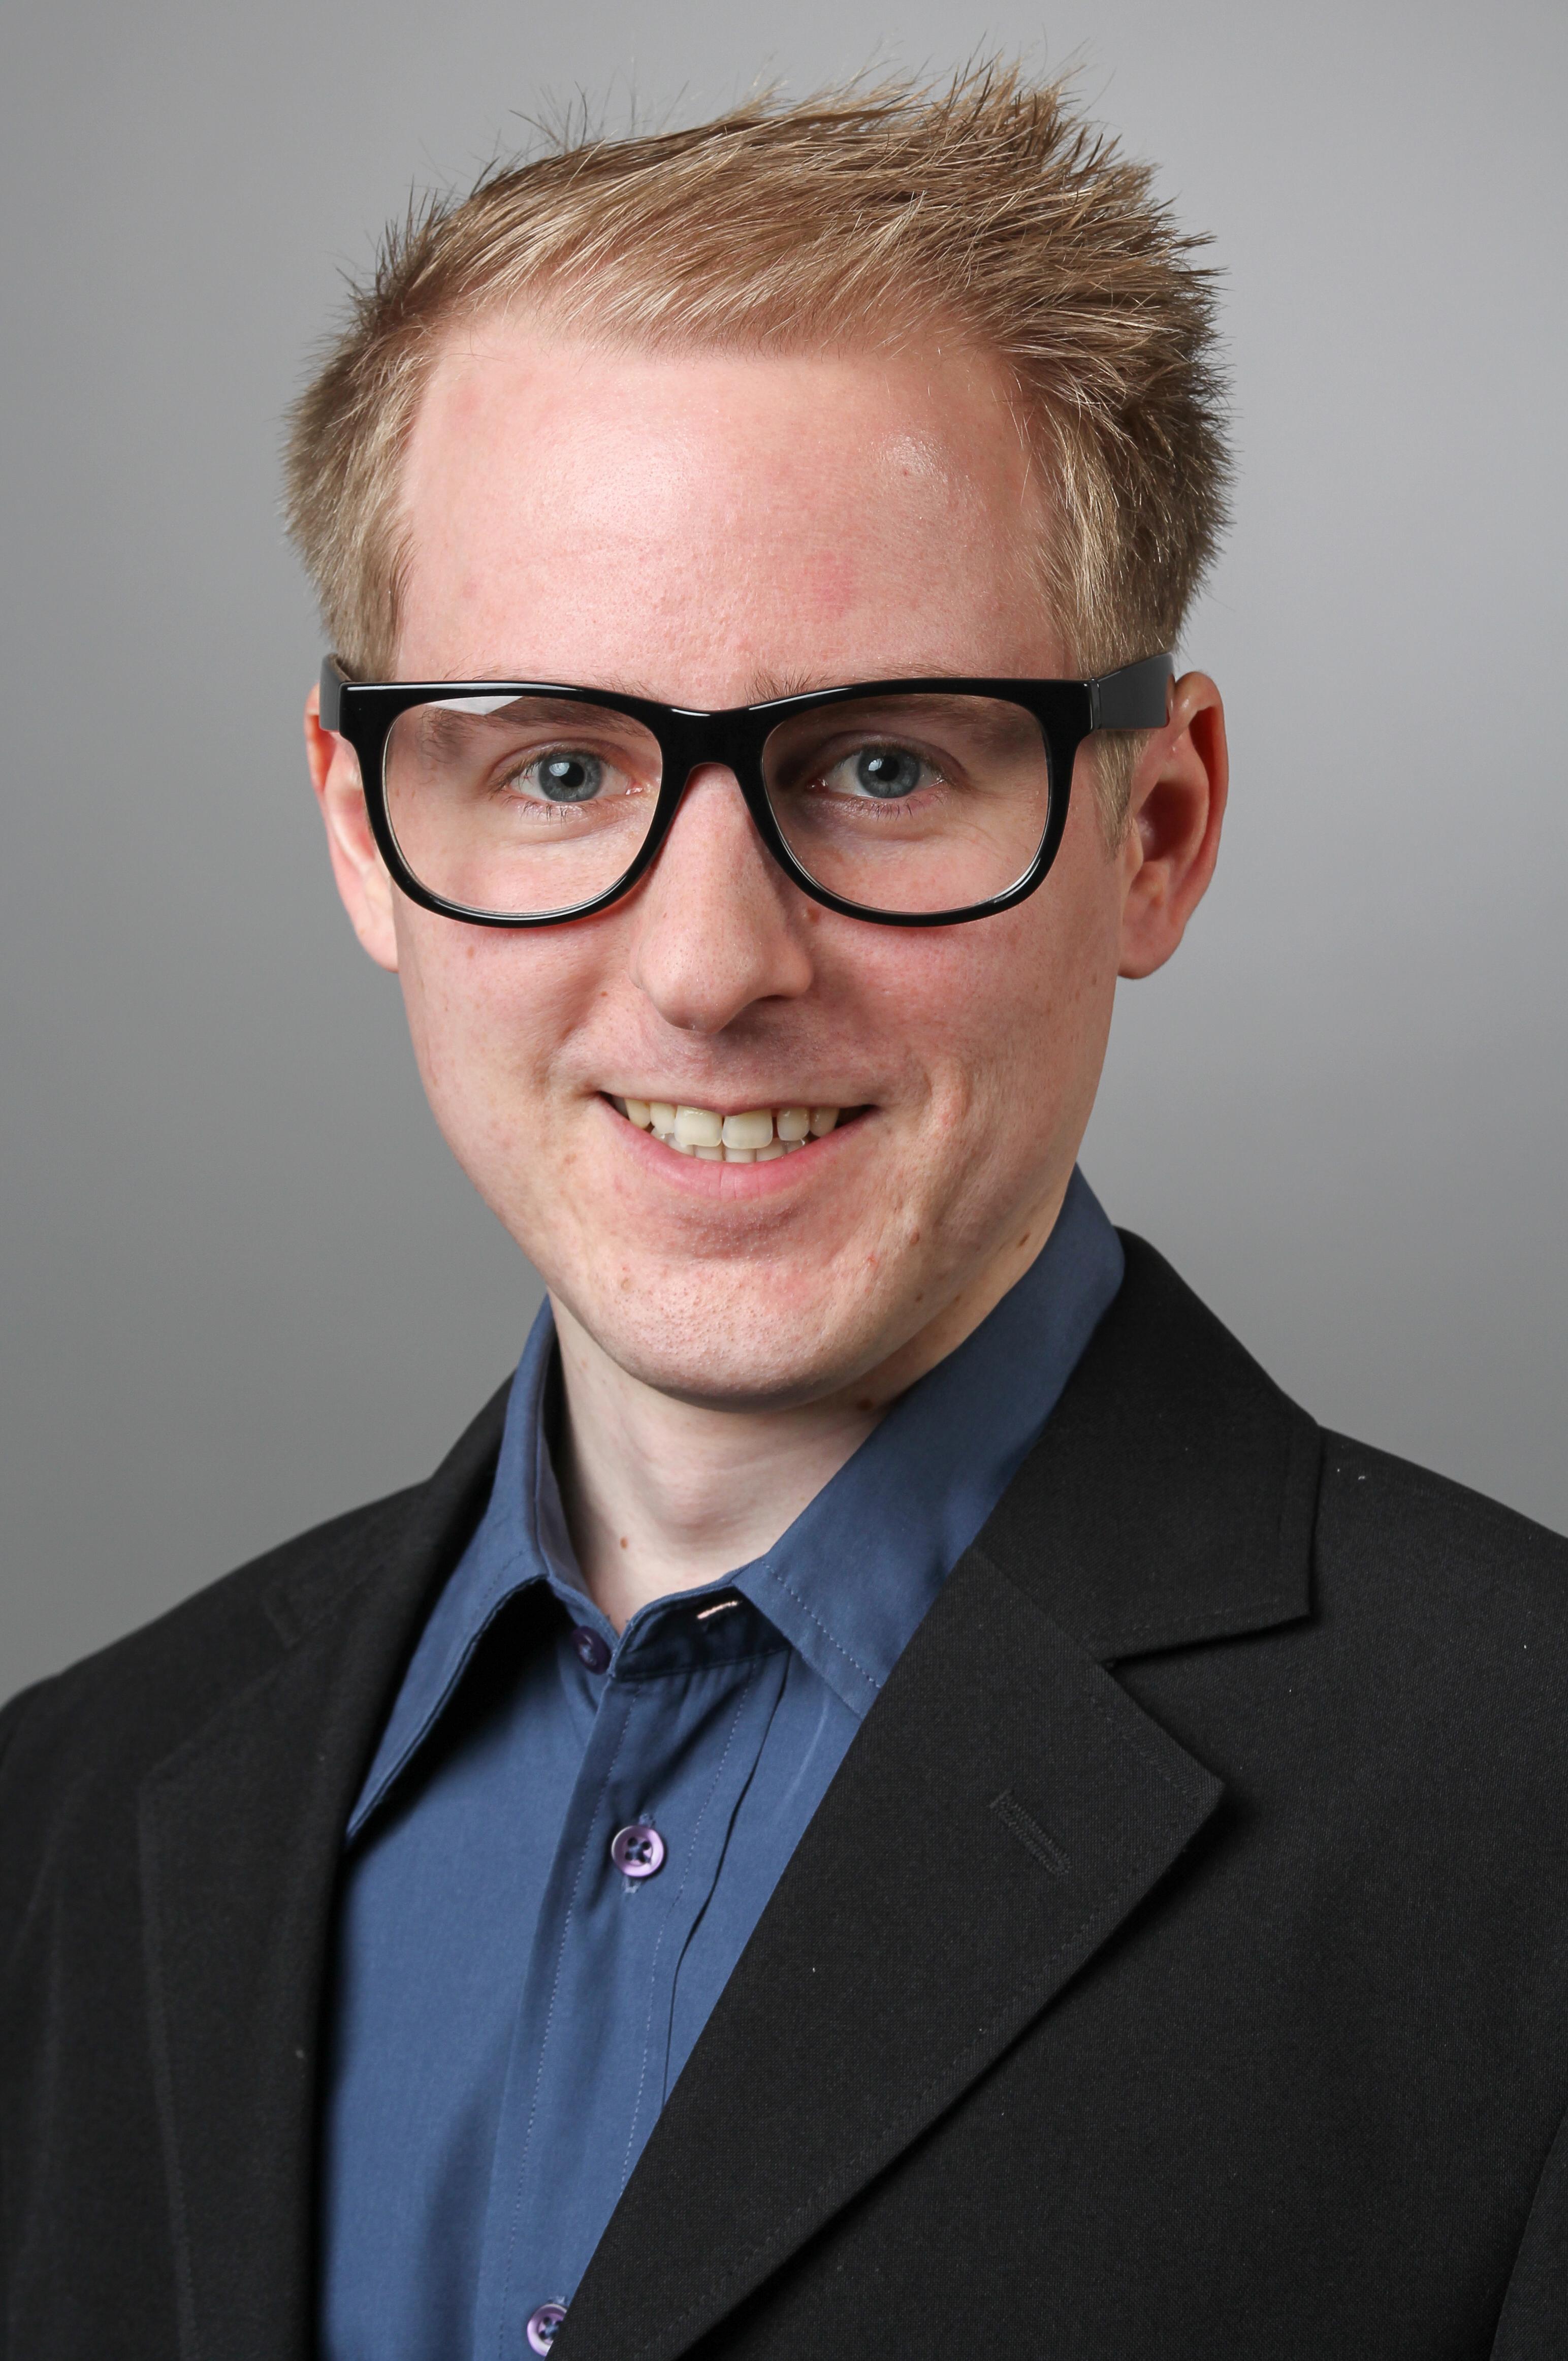 Modernes Bewerbungsfoto von einem blonden Mann.